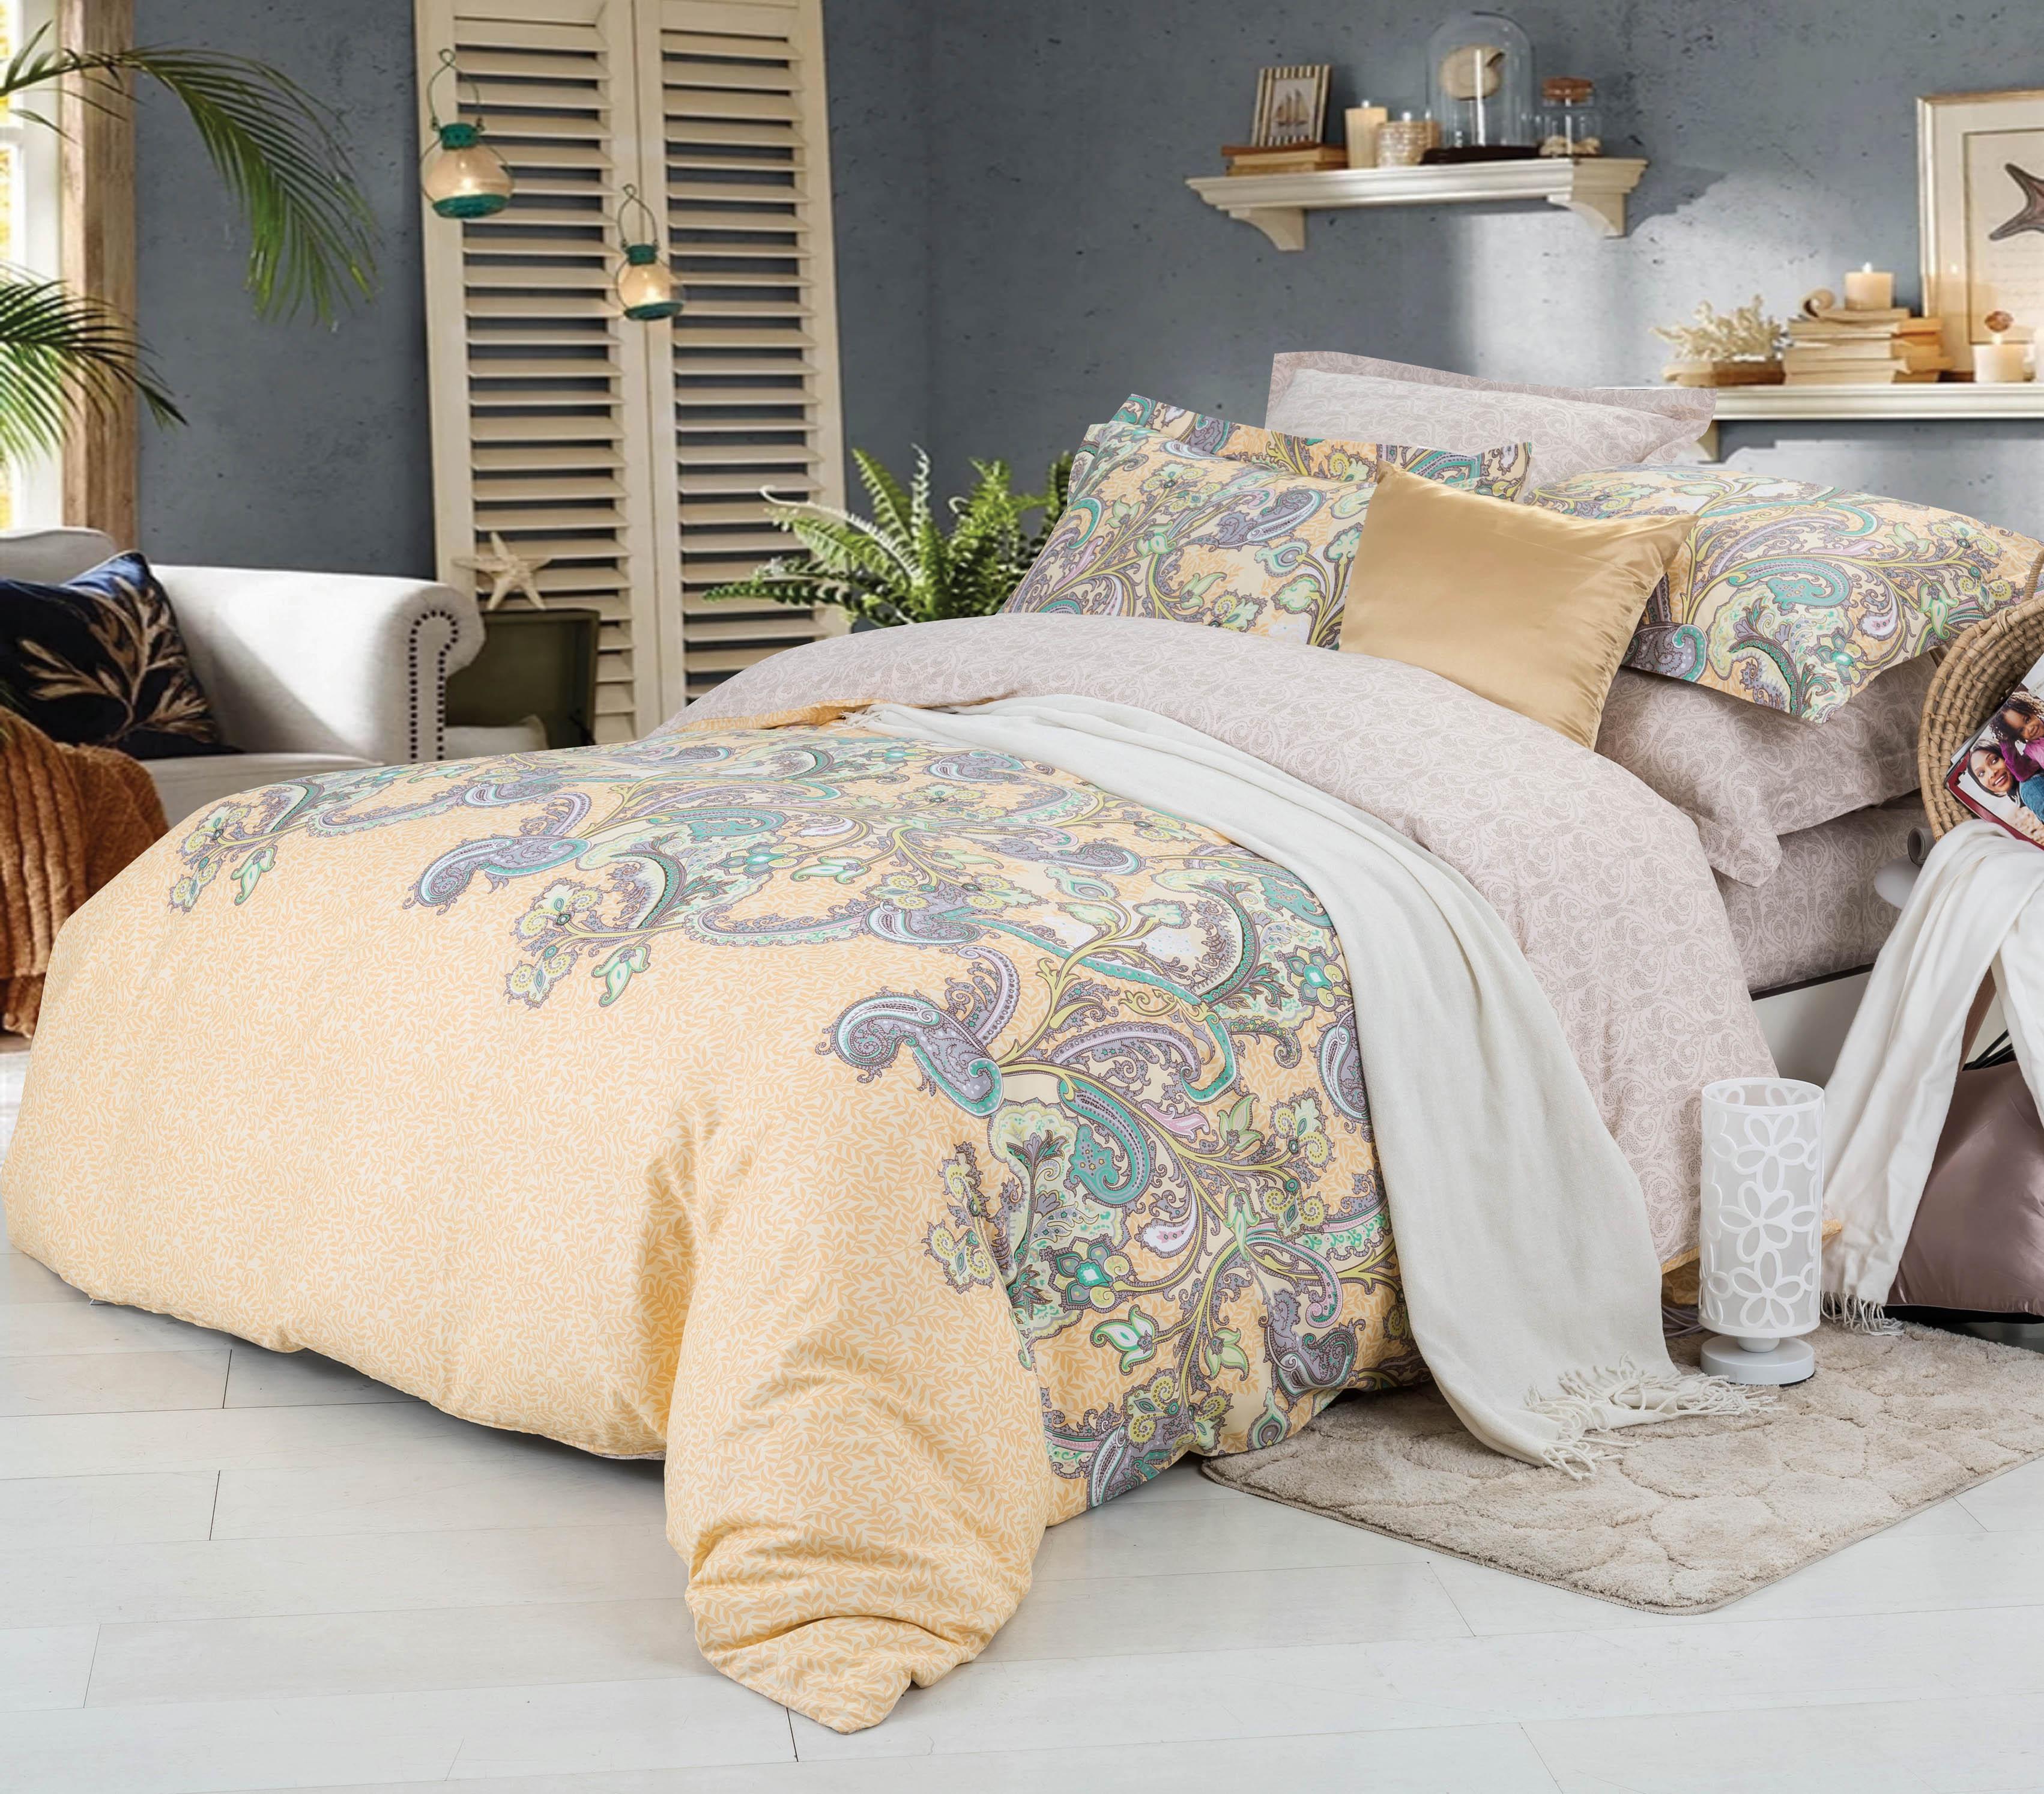 Купить Комплекты постельного белья СайлиД, Постельное бельеSeriate B-181(семейное), Китай, Зеленый, Персиковый, Хлопковый сатин